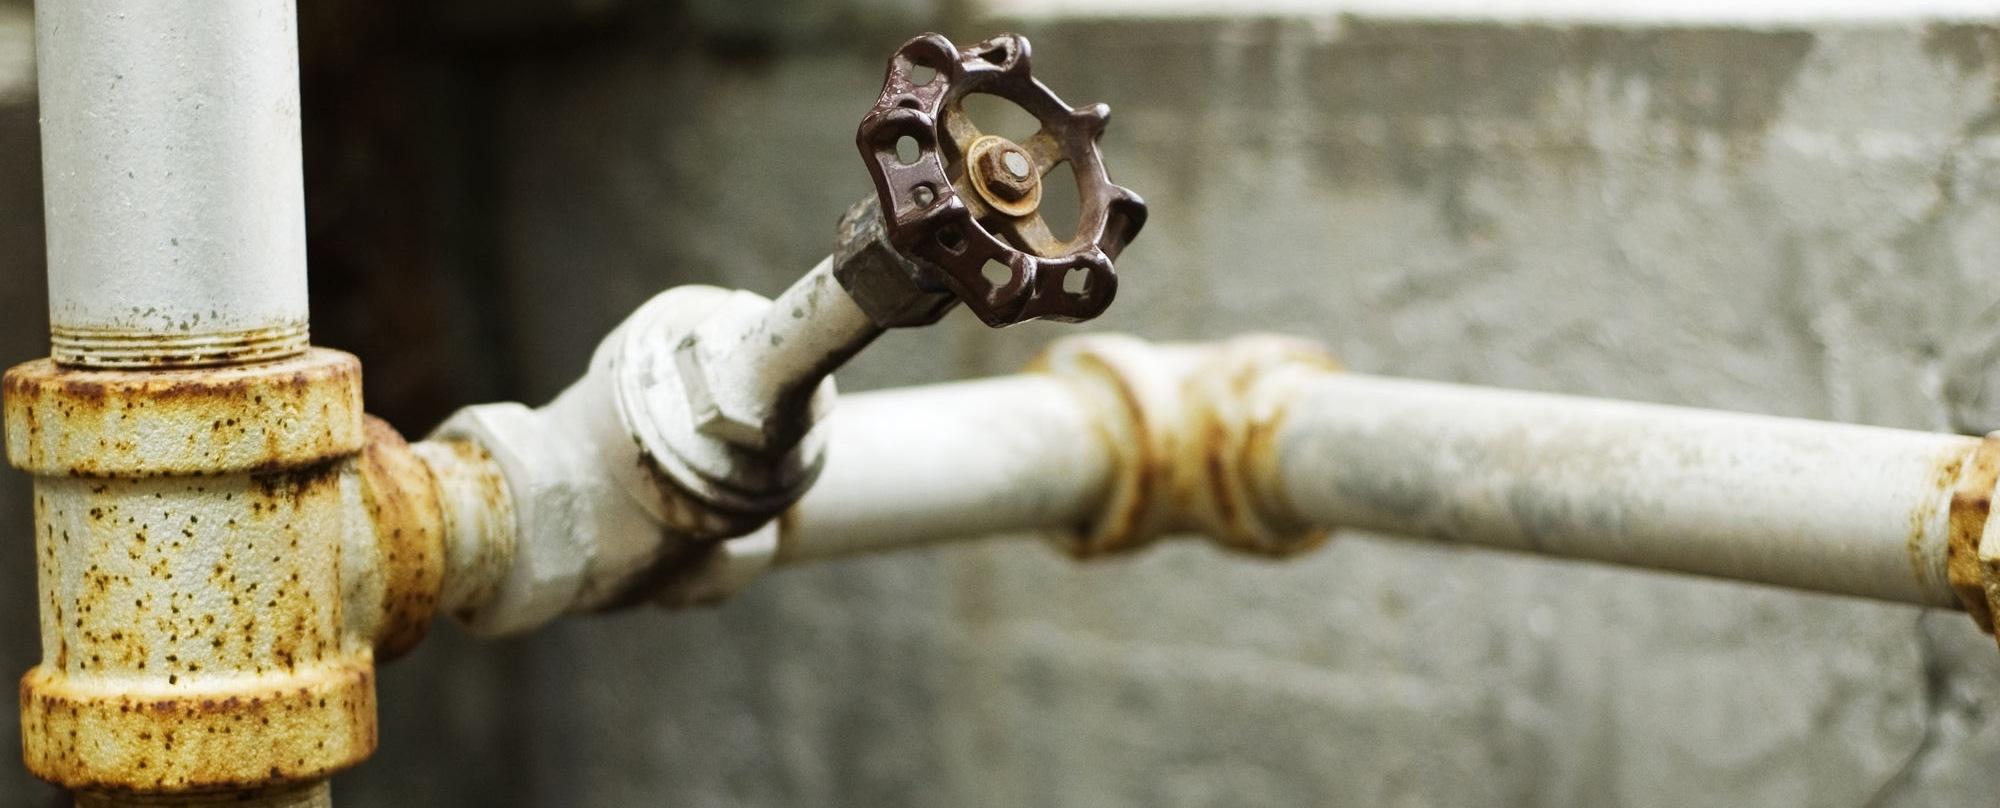 Замена труб водоснабжения в квартире за чей счет